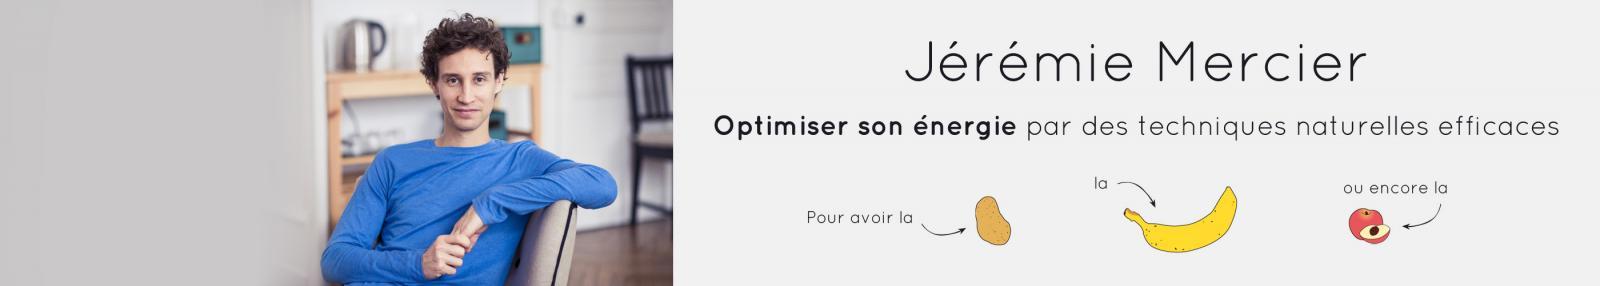 http://www.jeremie-mercier.com/